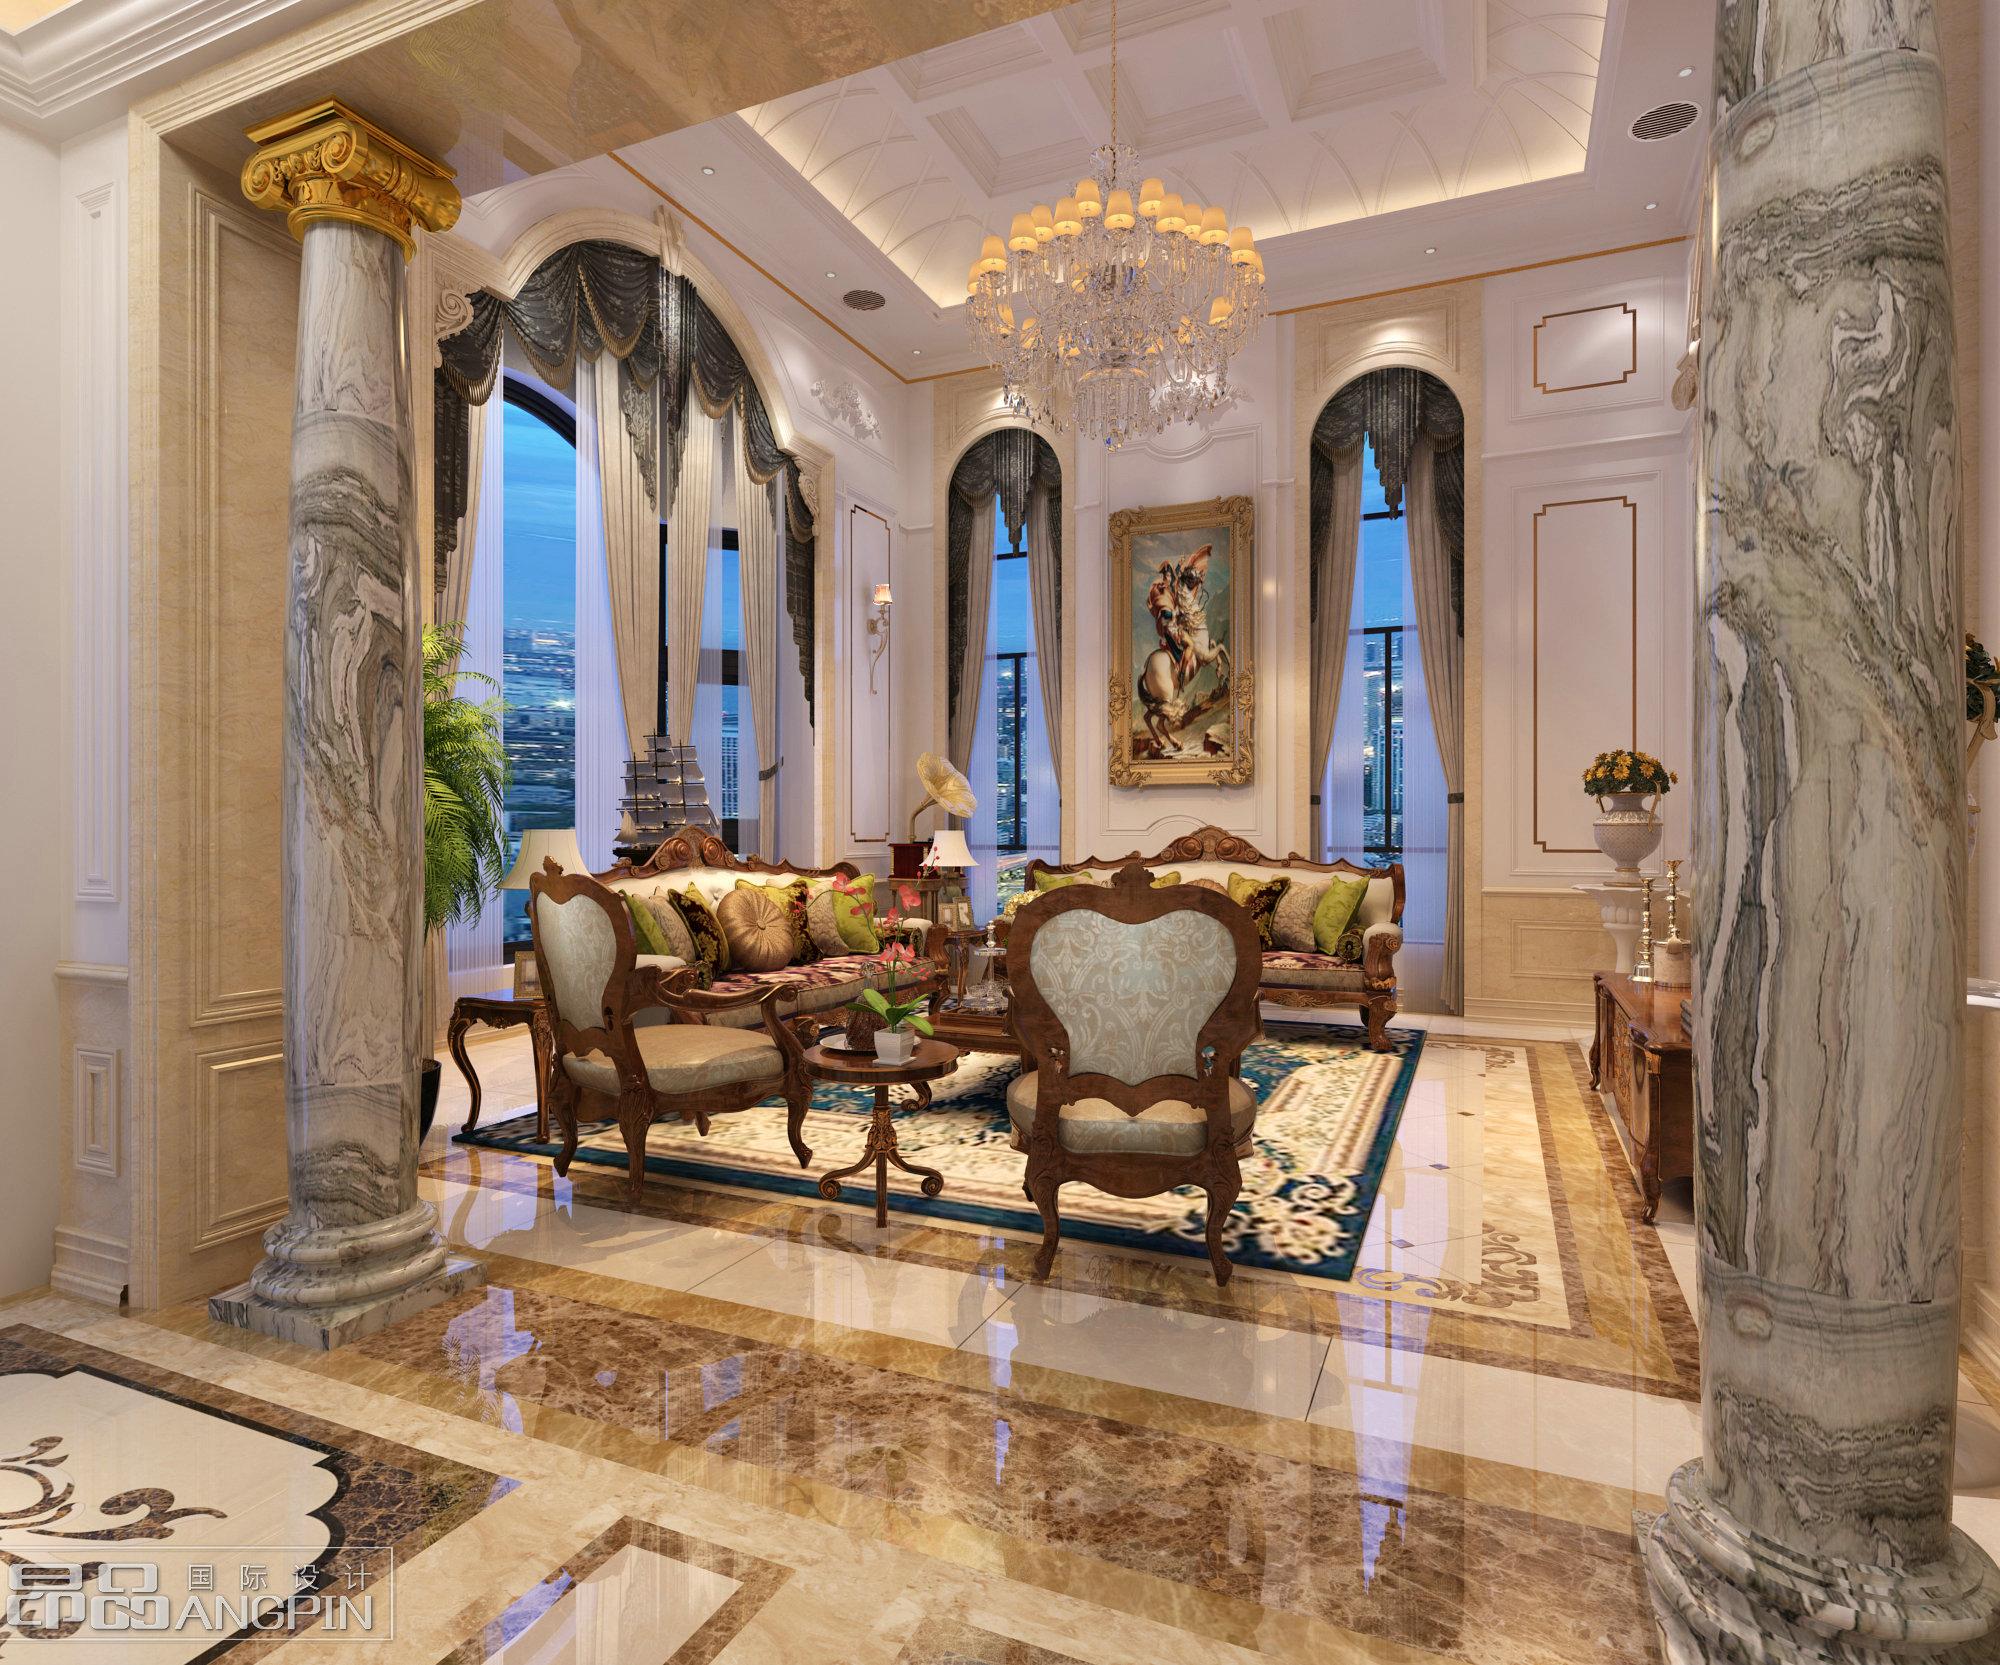 设计图分享 藏式风格民宿设计图  设计图  现代风格别墅大门装修图片